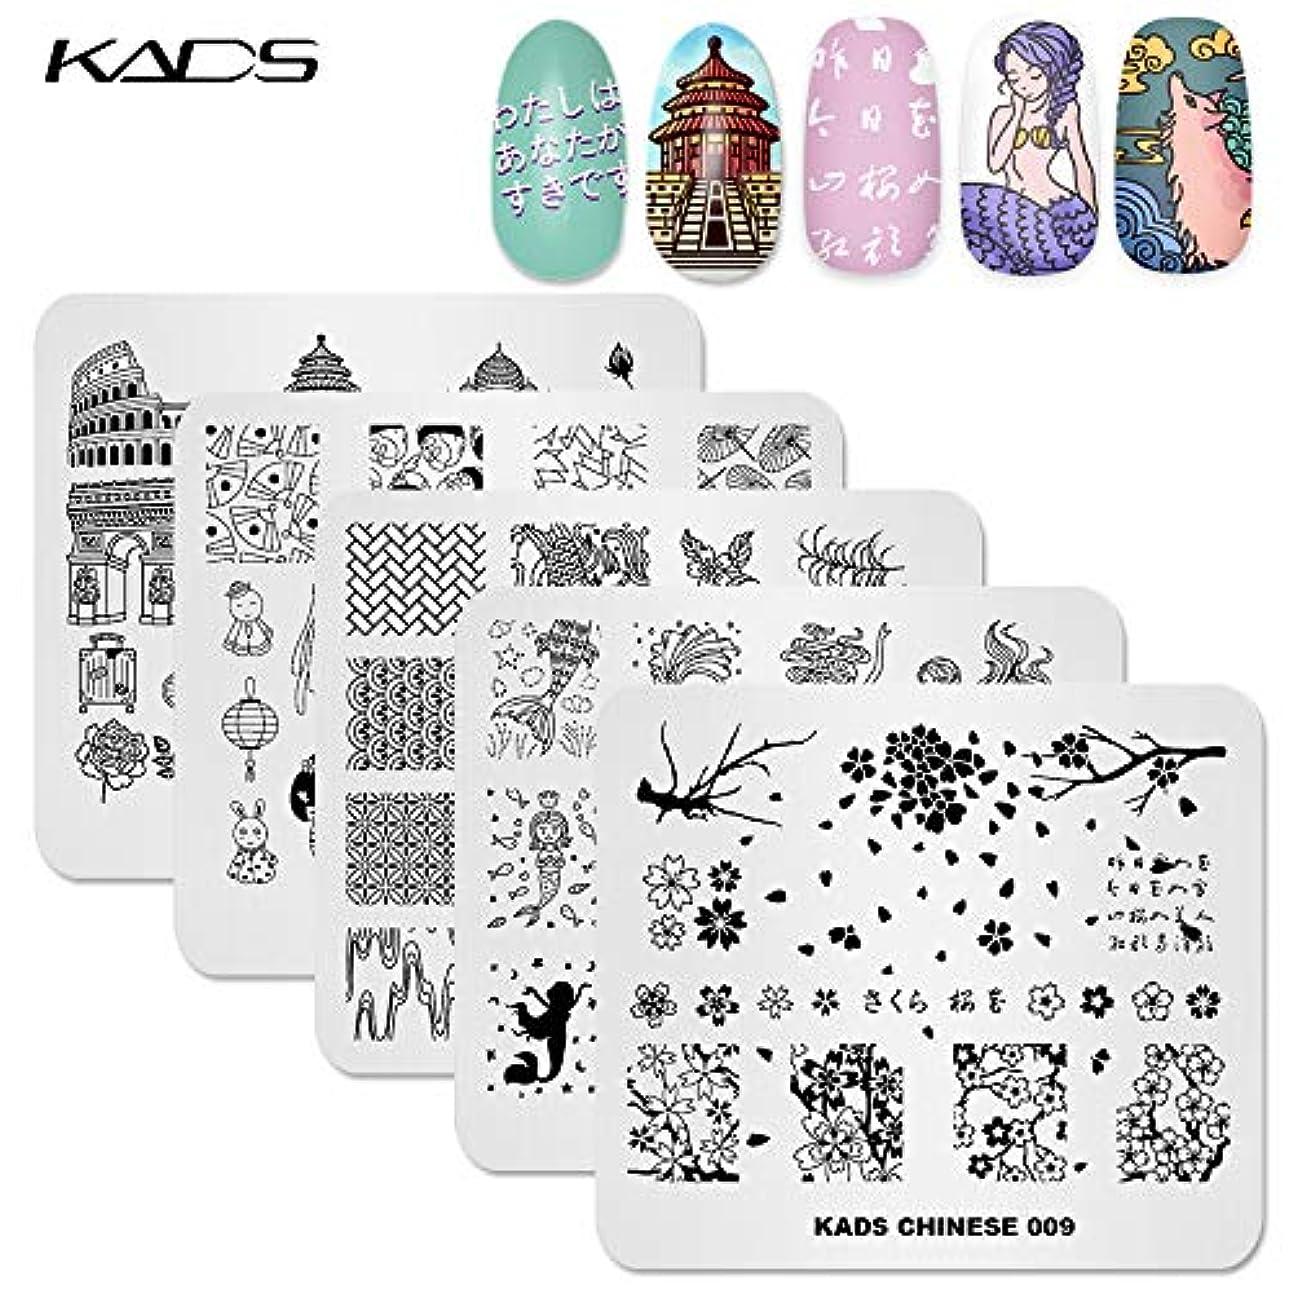 急行する姓電子KADS ネイルスタンププレート5セット 桜 人魚 建築 鯉 踊り子 和風 取りやすいデザイン ネイルステンシル ネイルアートツール ネイルデザイン用品 (セット4)